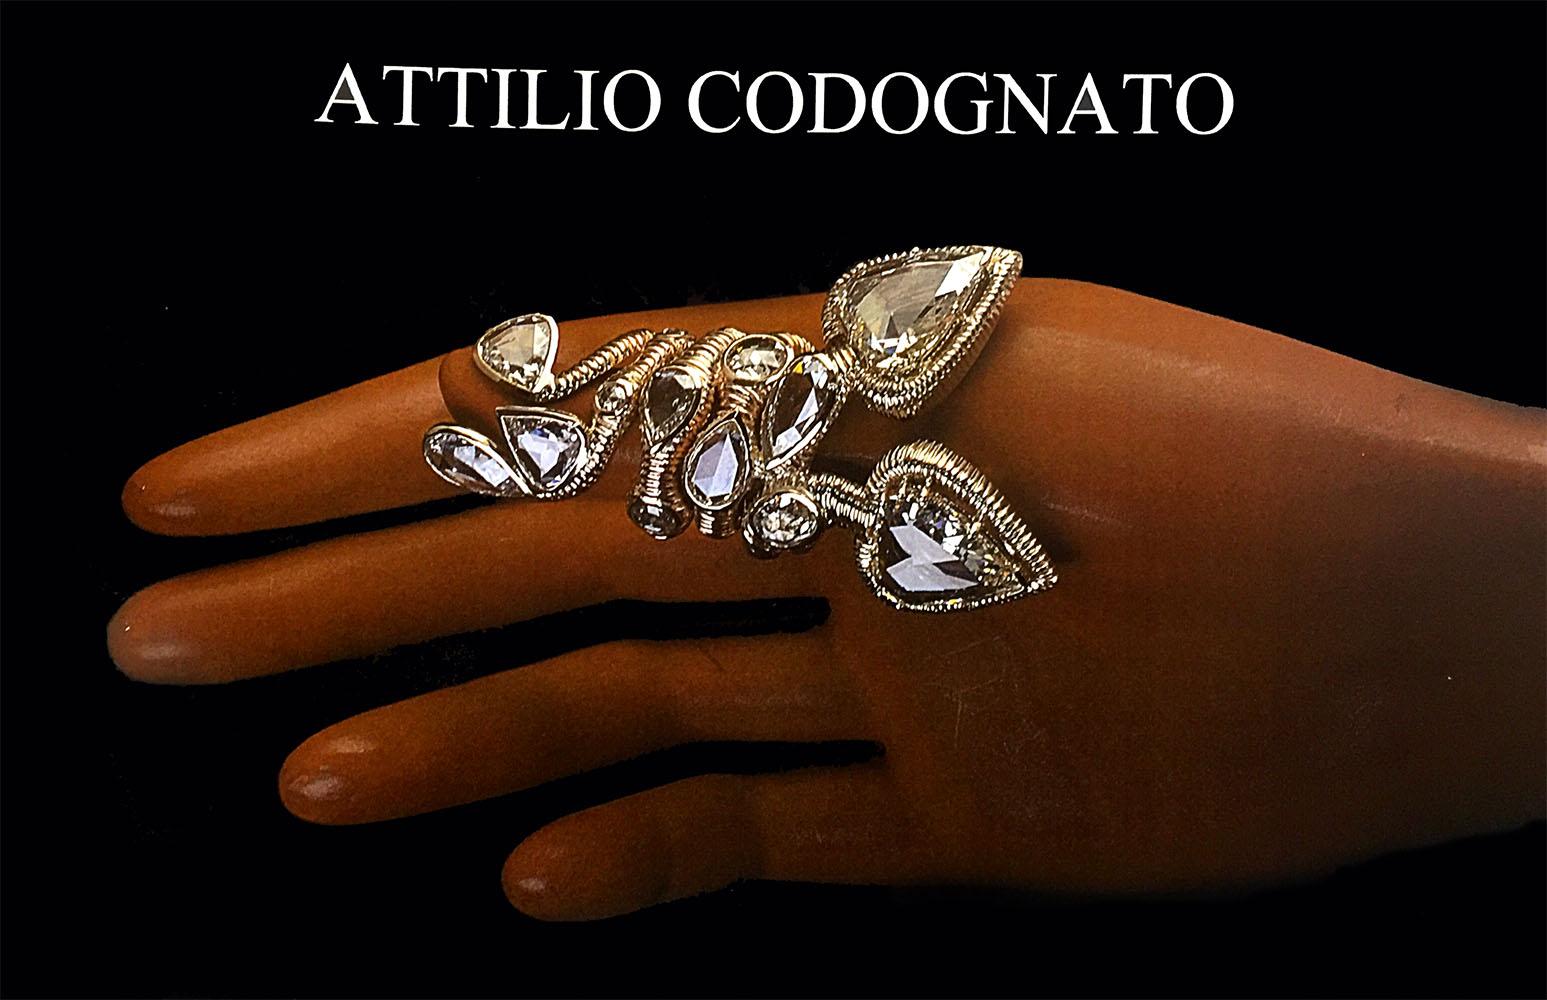 Attilio Codognato 3